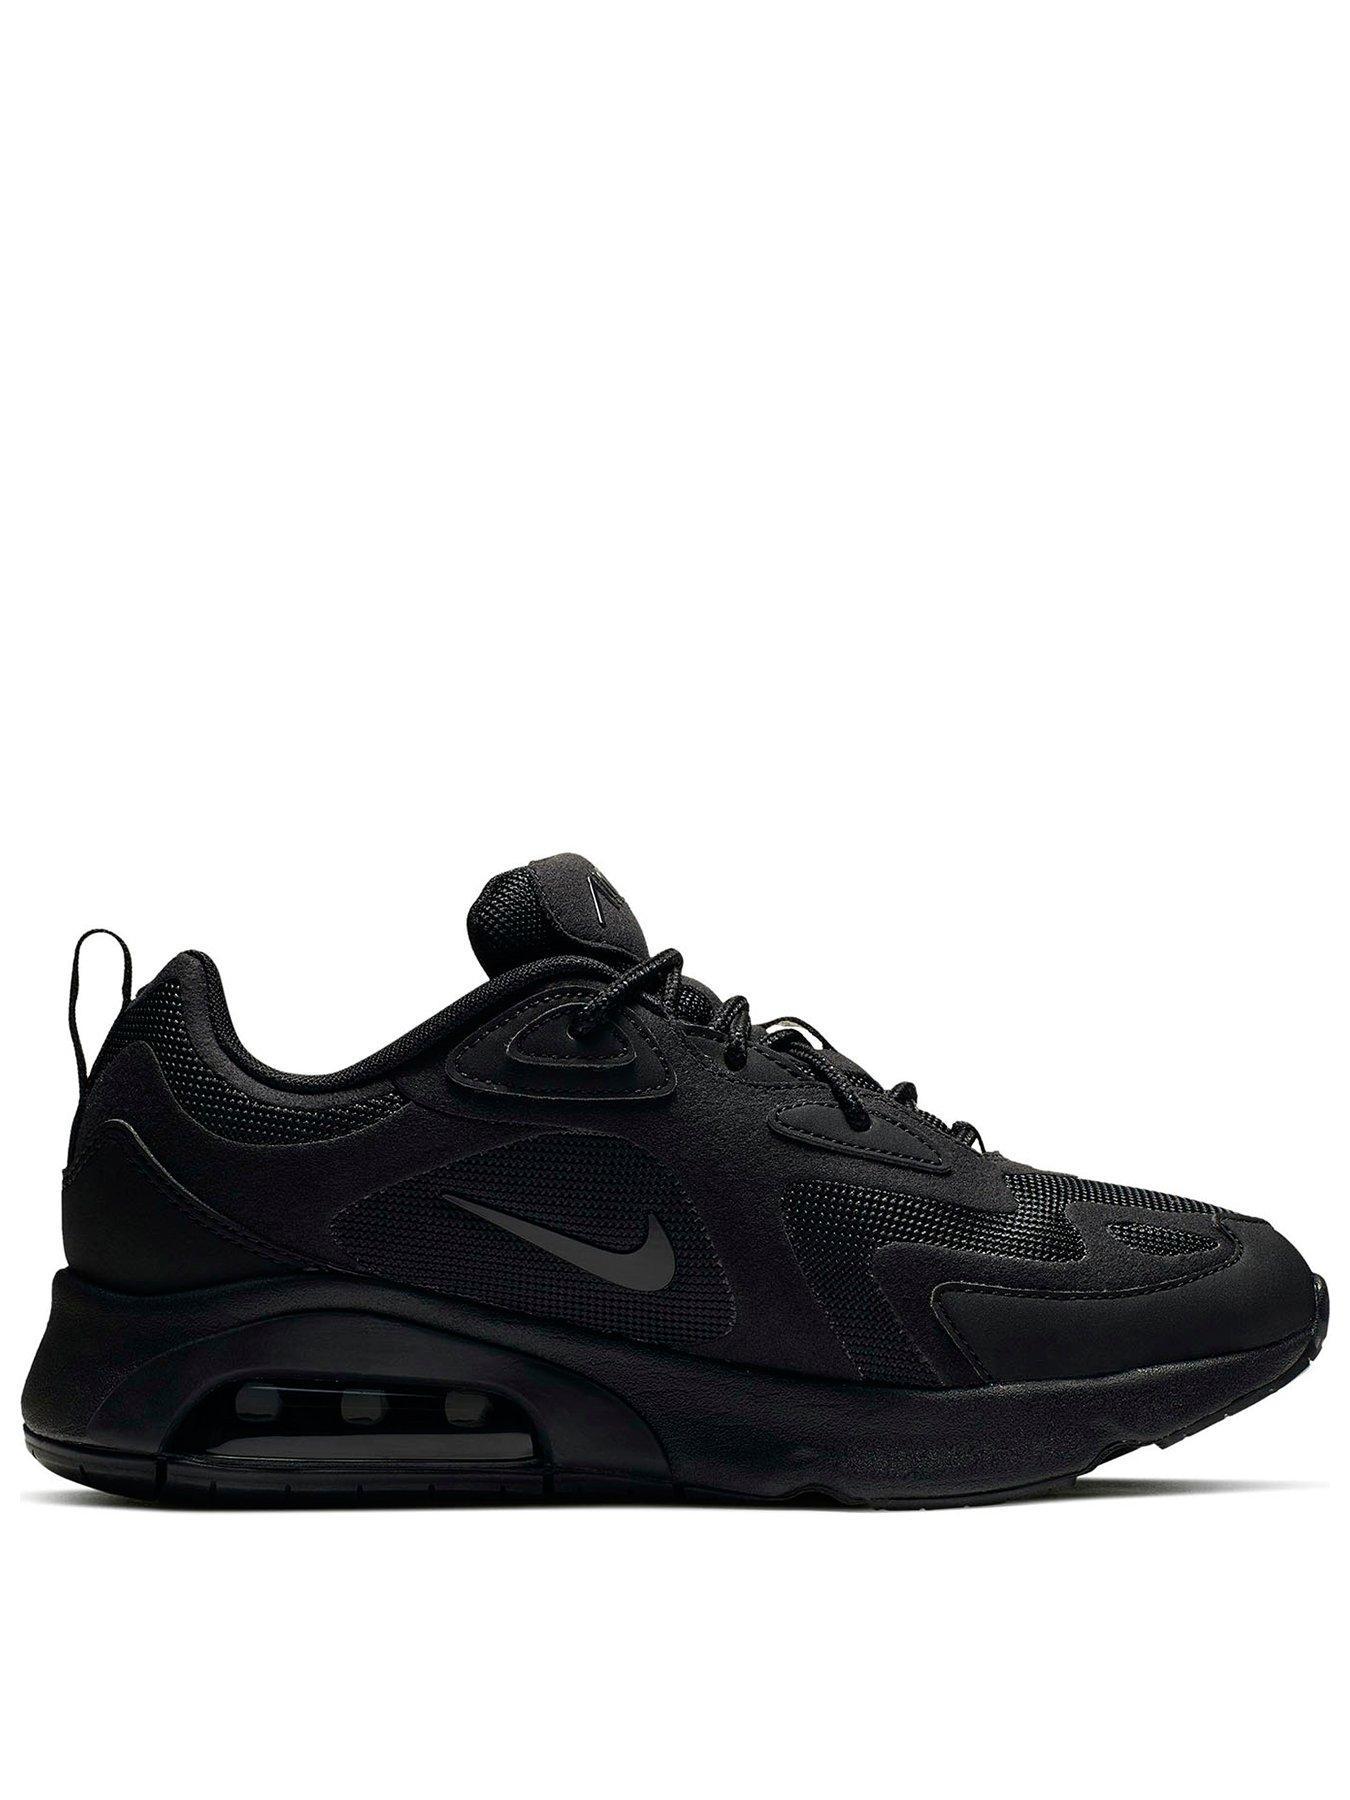 TrainersFor Women co Very Nike uk Womens DI9W2YEH